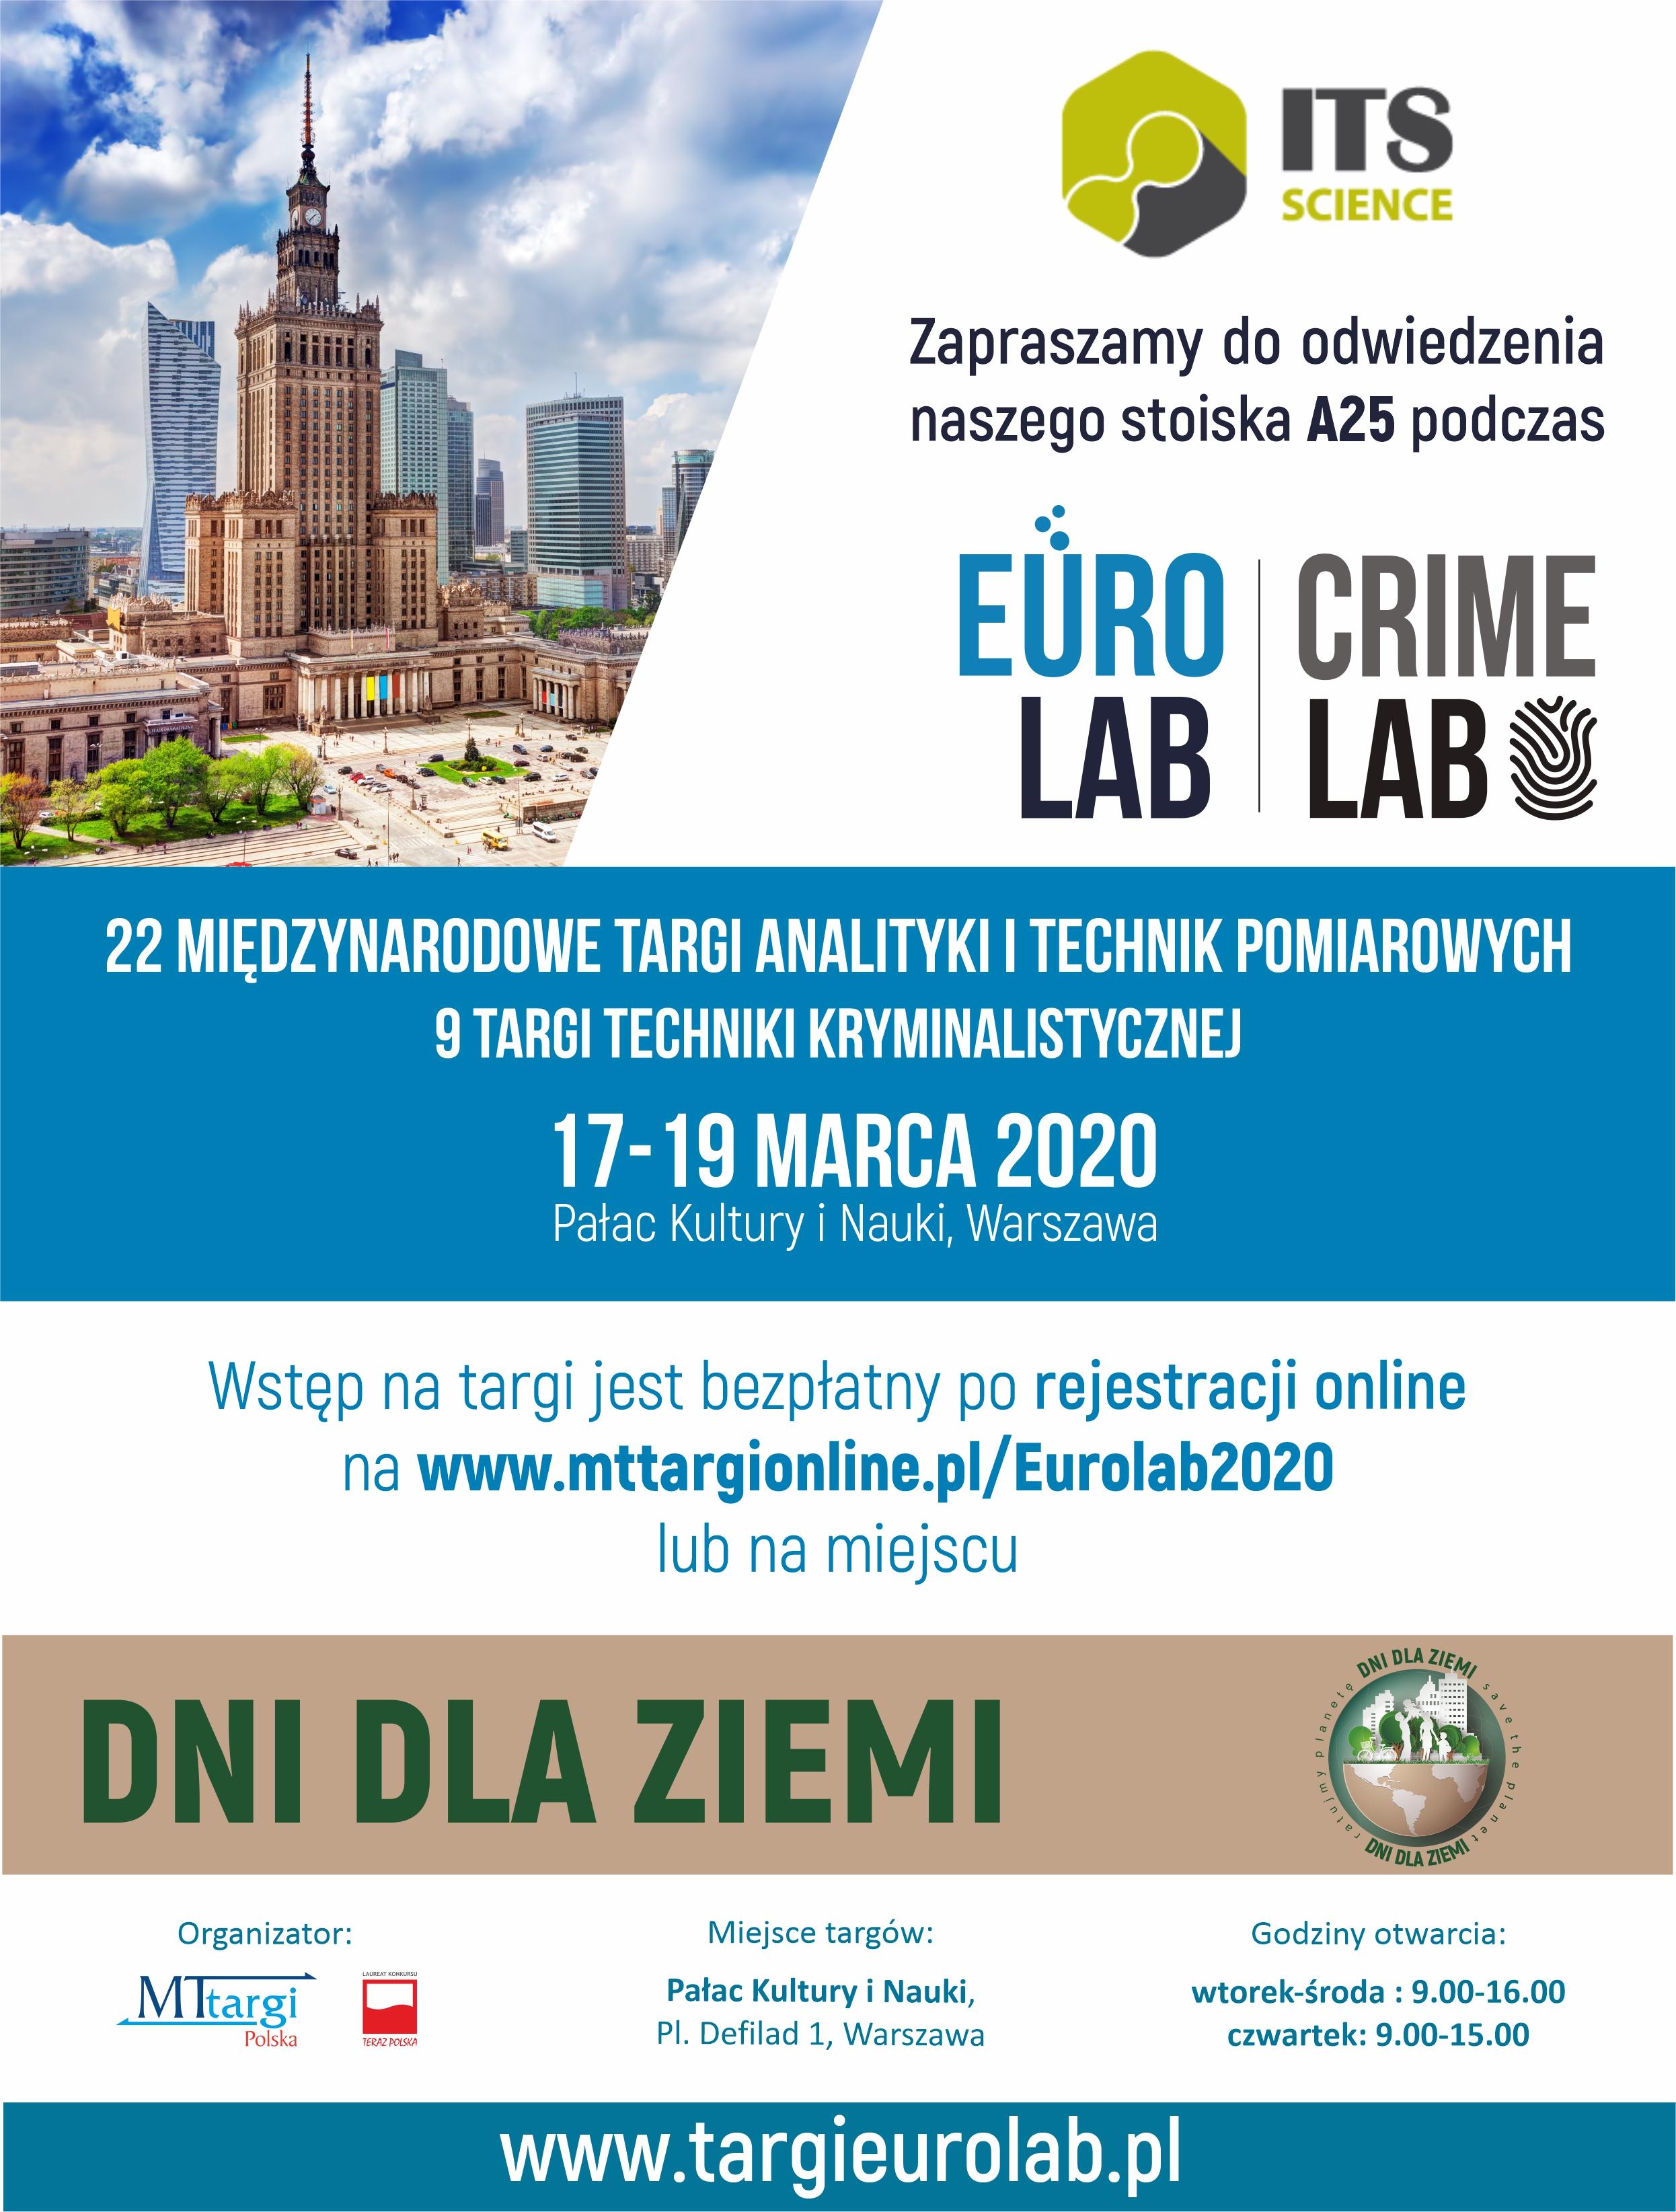 Zapraszamy do odwiedzenia naszego stoiska nr A25 na targach EuroLab 2020